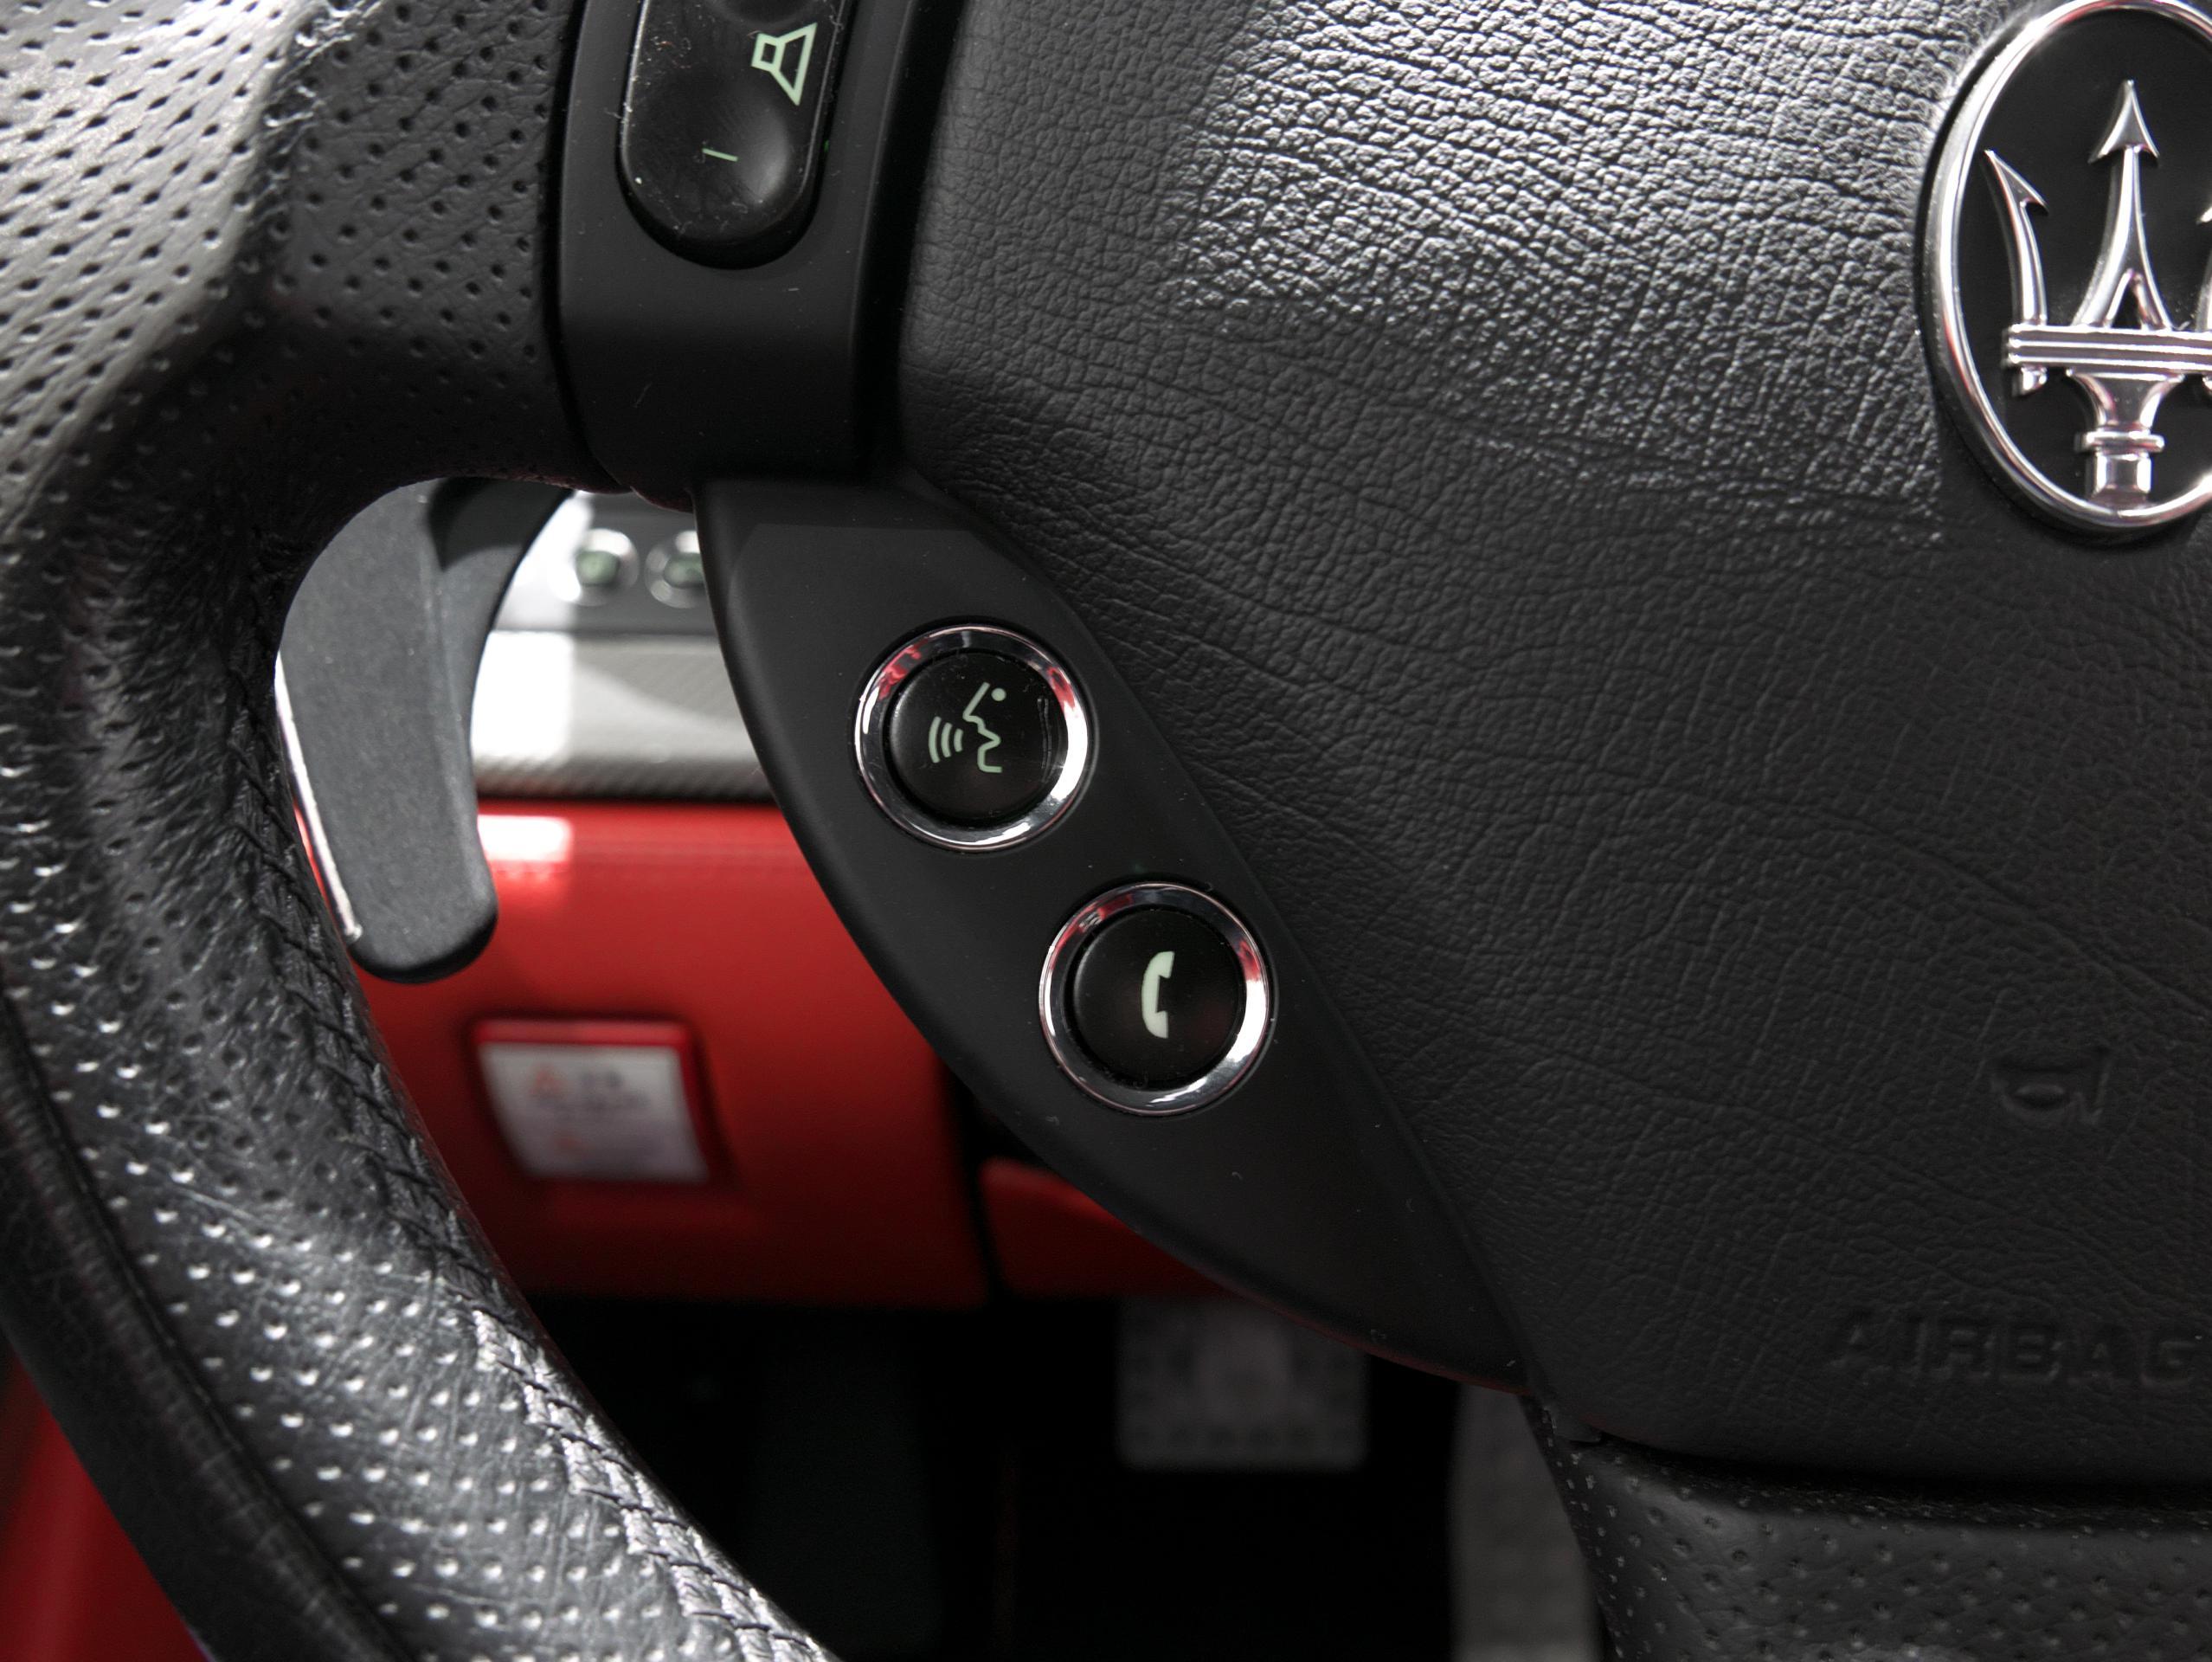 マセラティ クアトロポルテ スポーツGT S ステアリング電話ボタン